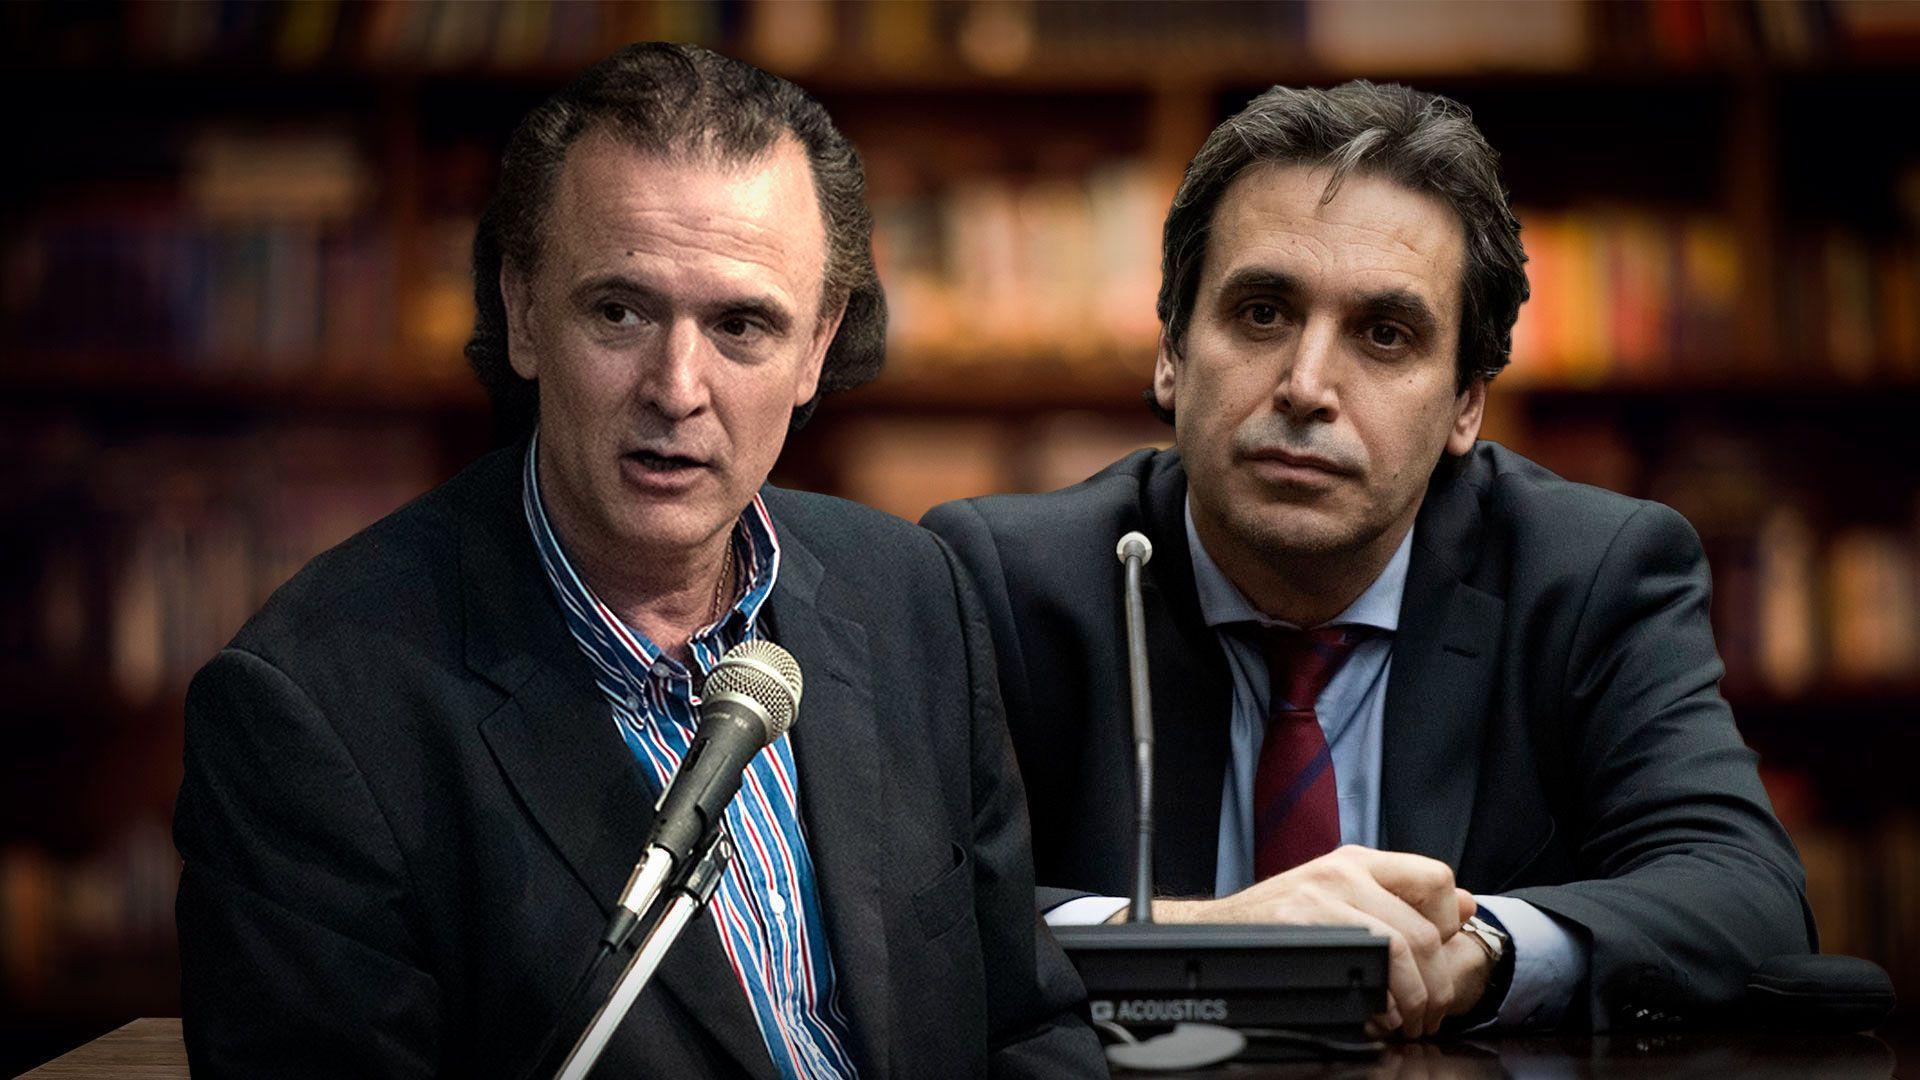 El periodista Daniel Santoro y el juez federal Alejo Ramos Padilla